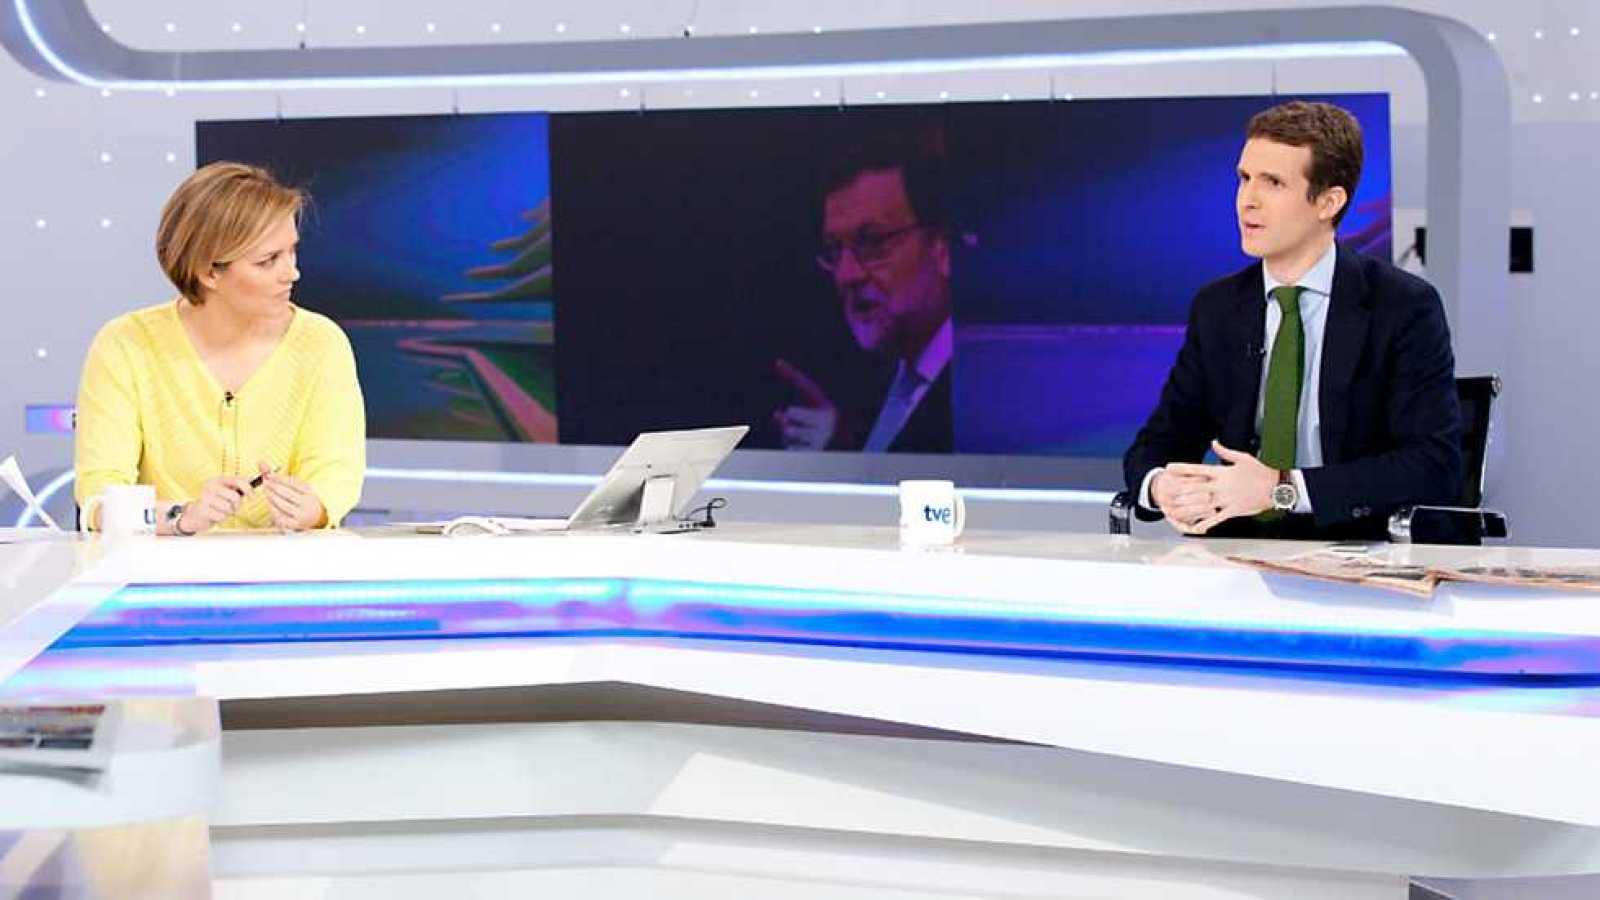 Los desayunos de TVE - Pablo Casado, vicesecretario de comunicación del PP - Ver ahora